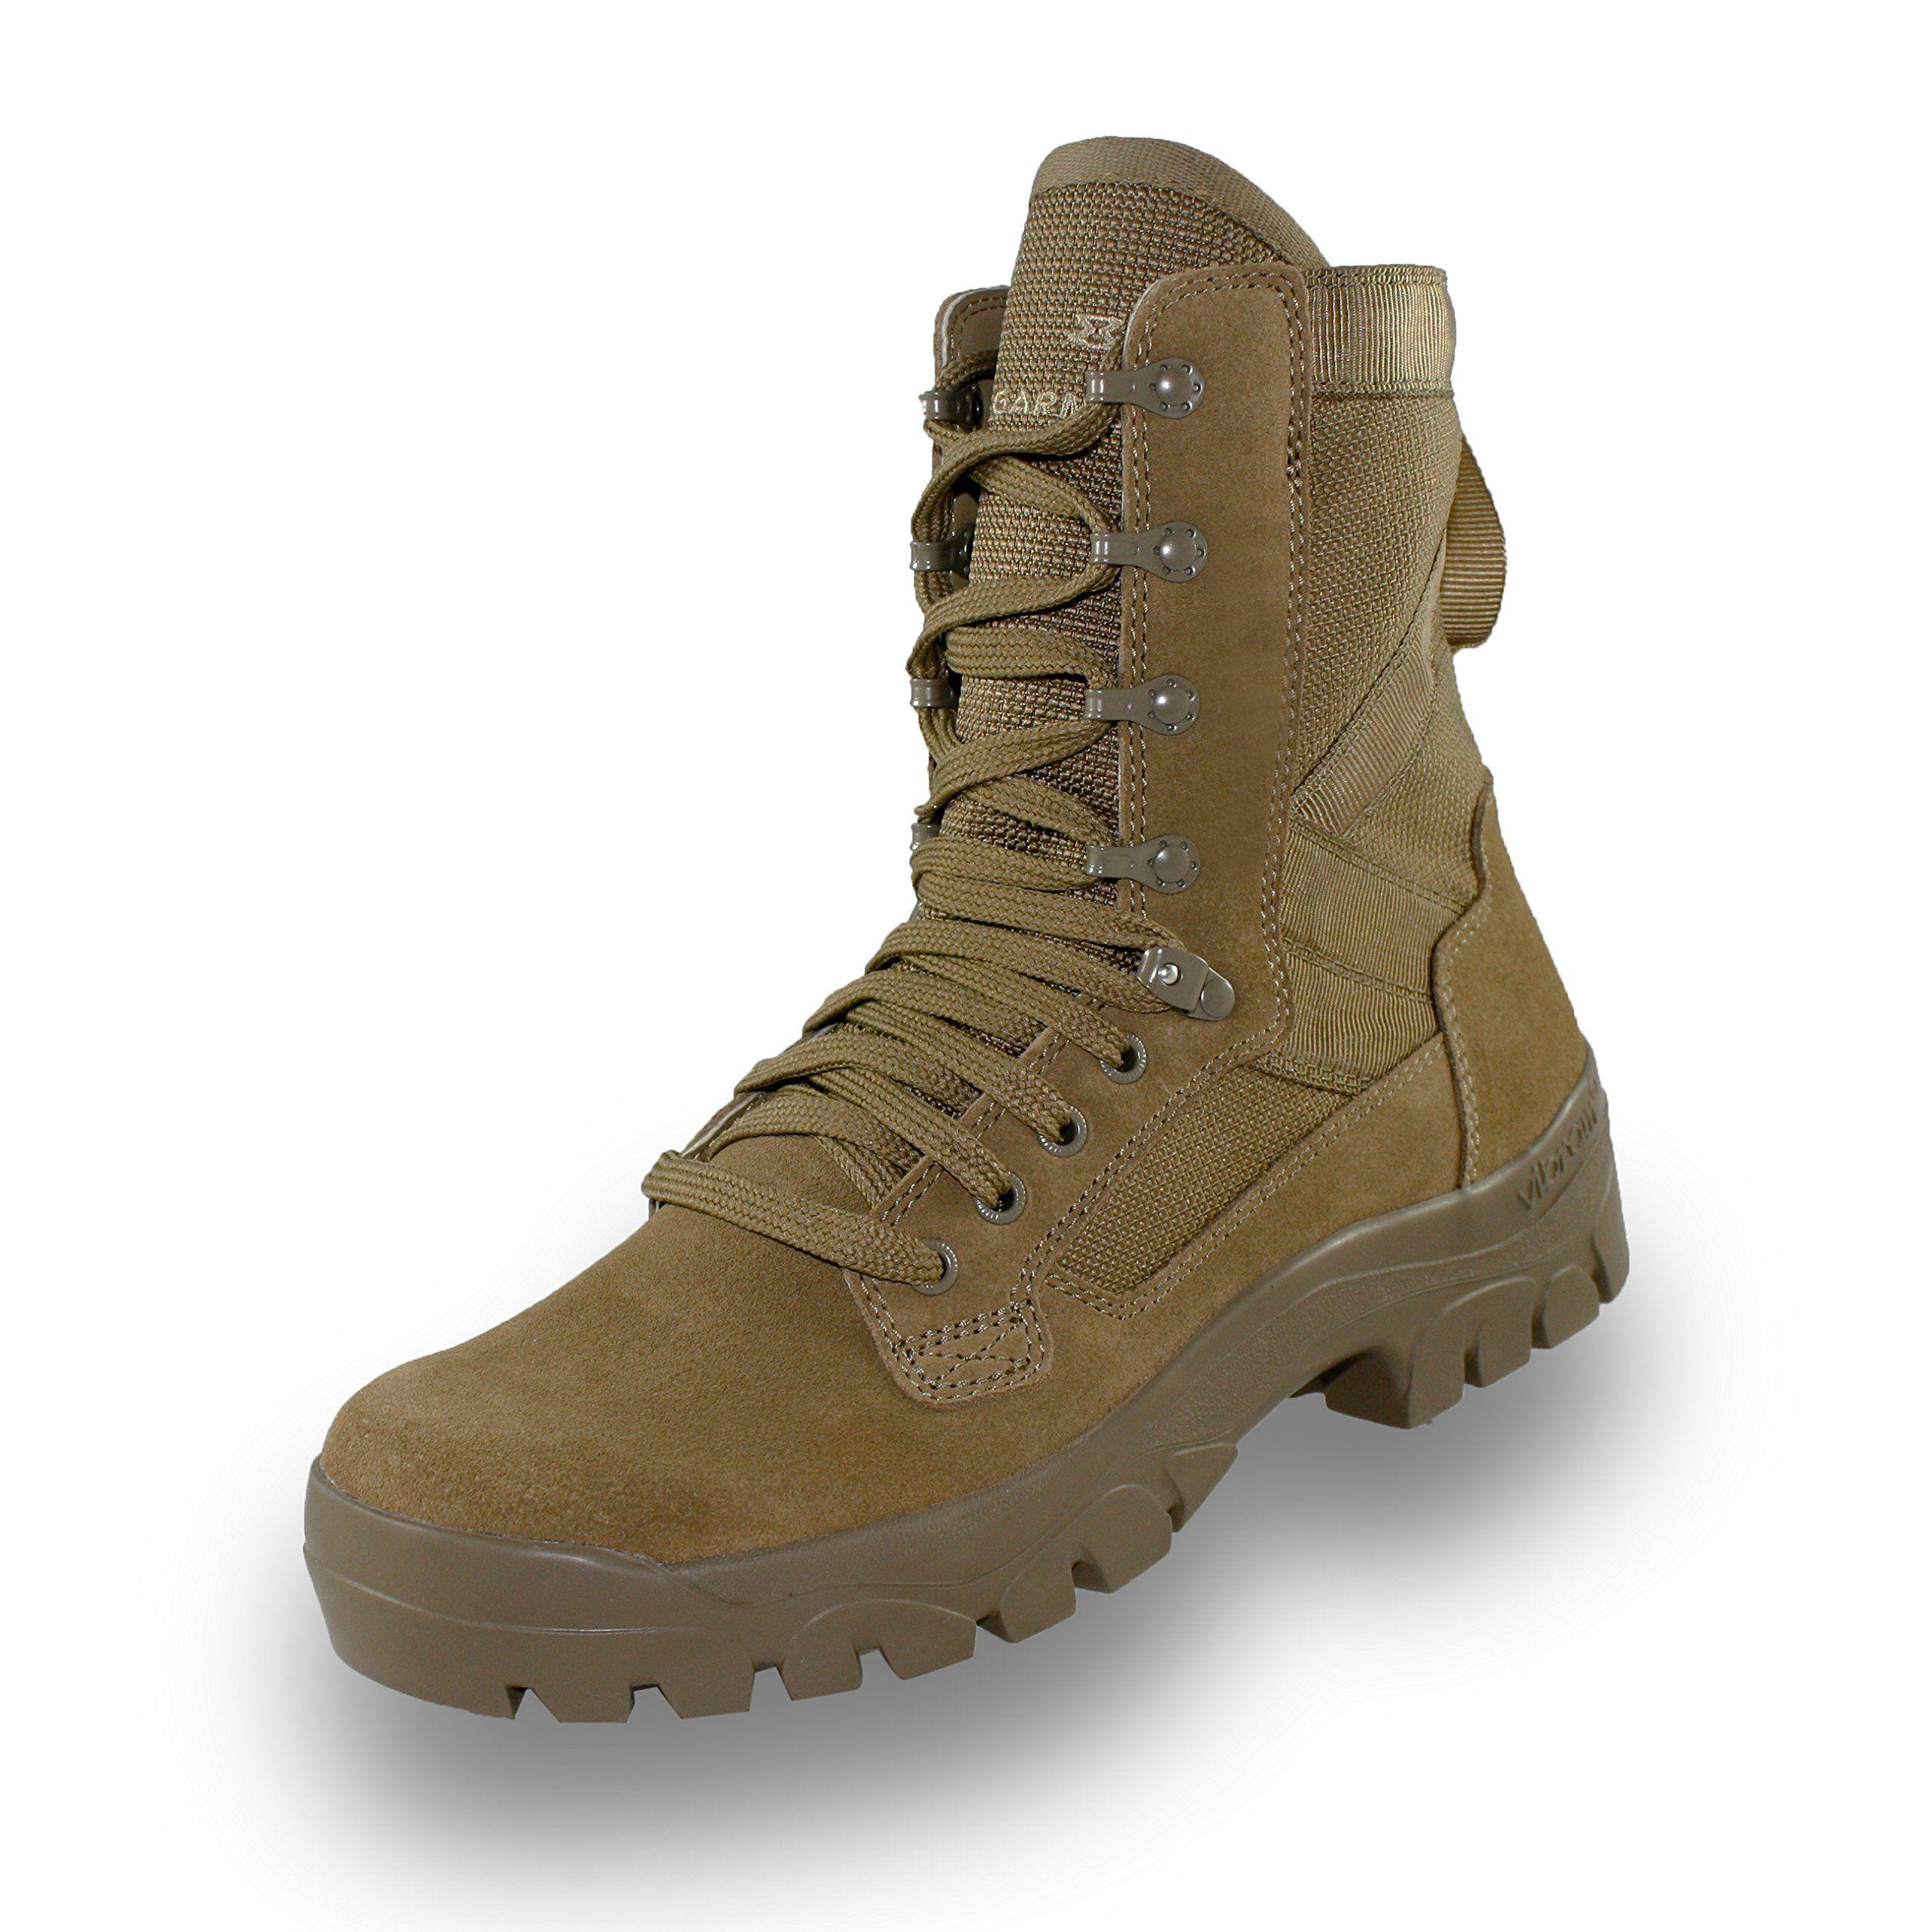 Garmont T8 Bifida Tactical Boot Coyote 14 M Us Tactical Boots Boots Military Tactical Boots